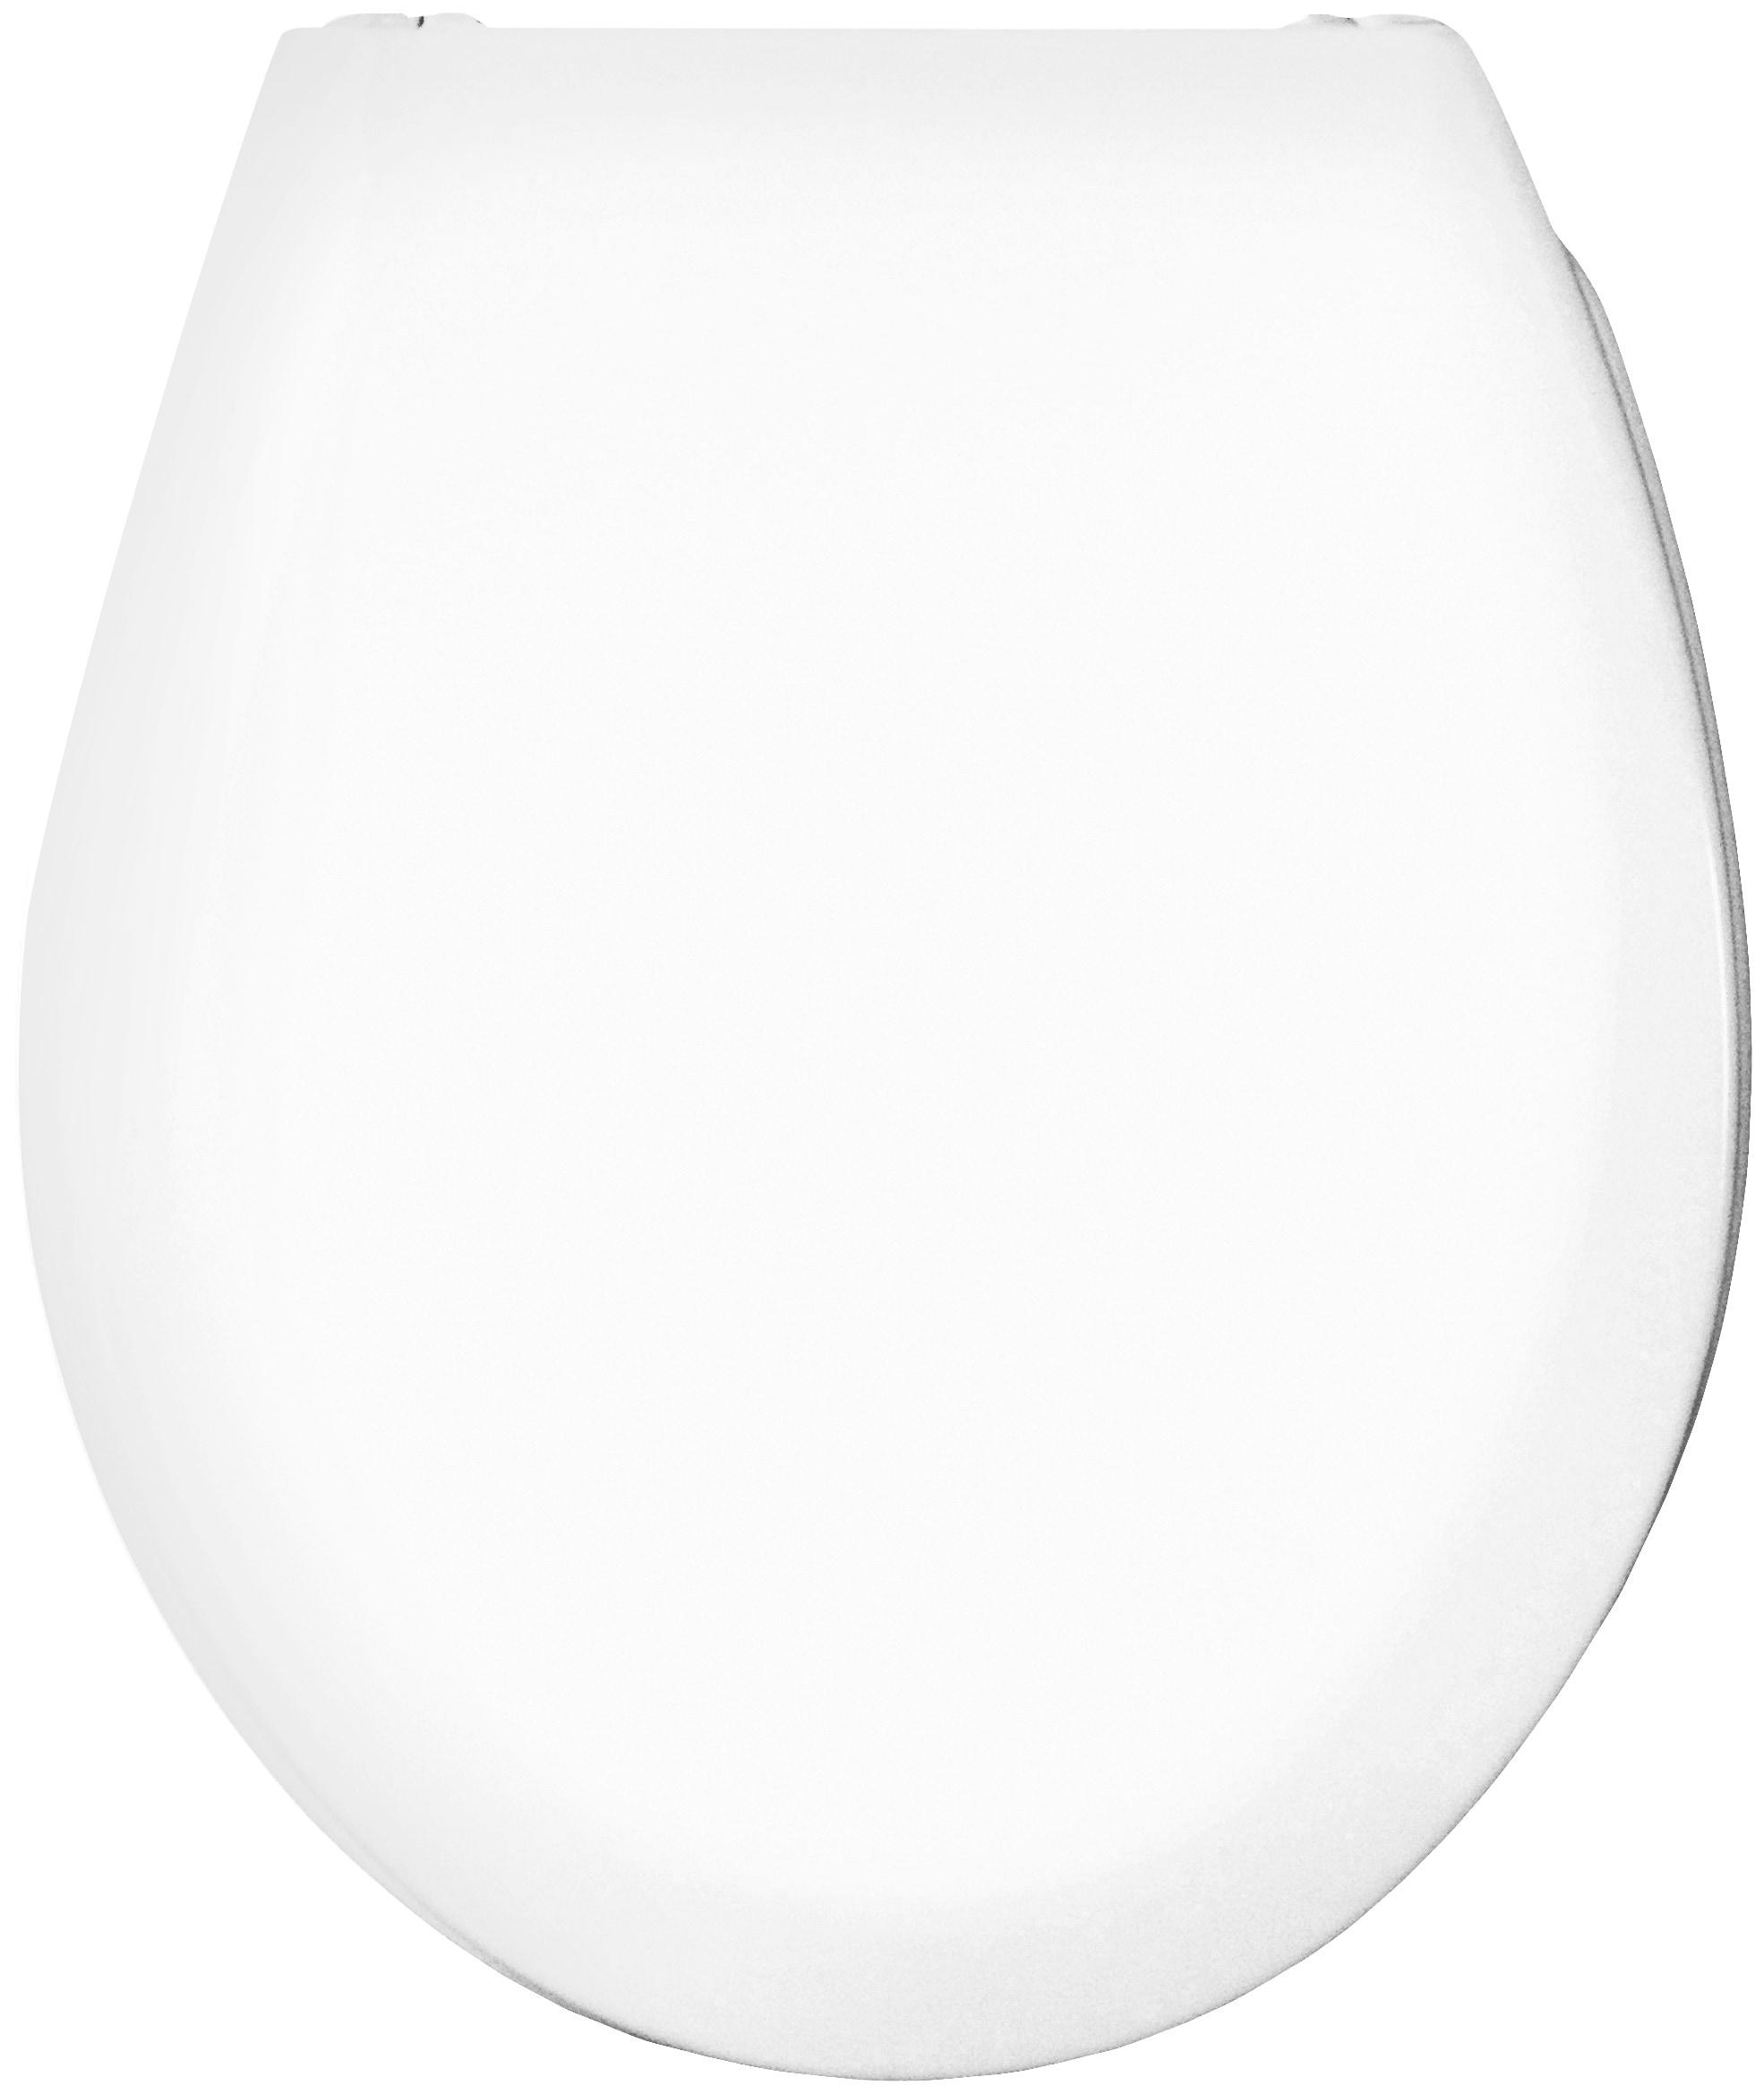 Lampen & Schirme Stehlampen Diskret Nordic Moderne Minimalistischen Boden Lampen Einfache Kreative Personalisierte Wohnzimmer Schlafzimmer Led Schwarz Eisen Kunst Stehen Lampen Leuchte Elegantes Und Robustes Paket